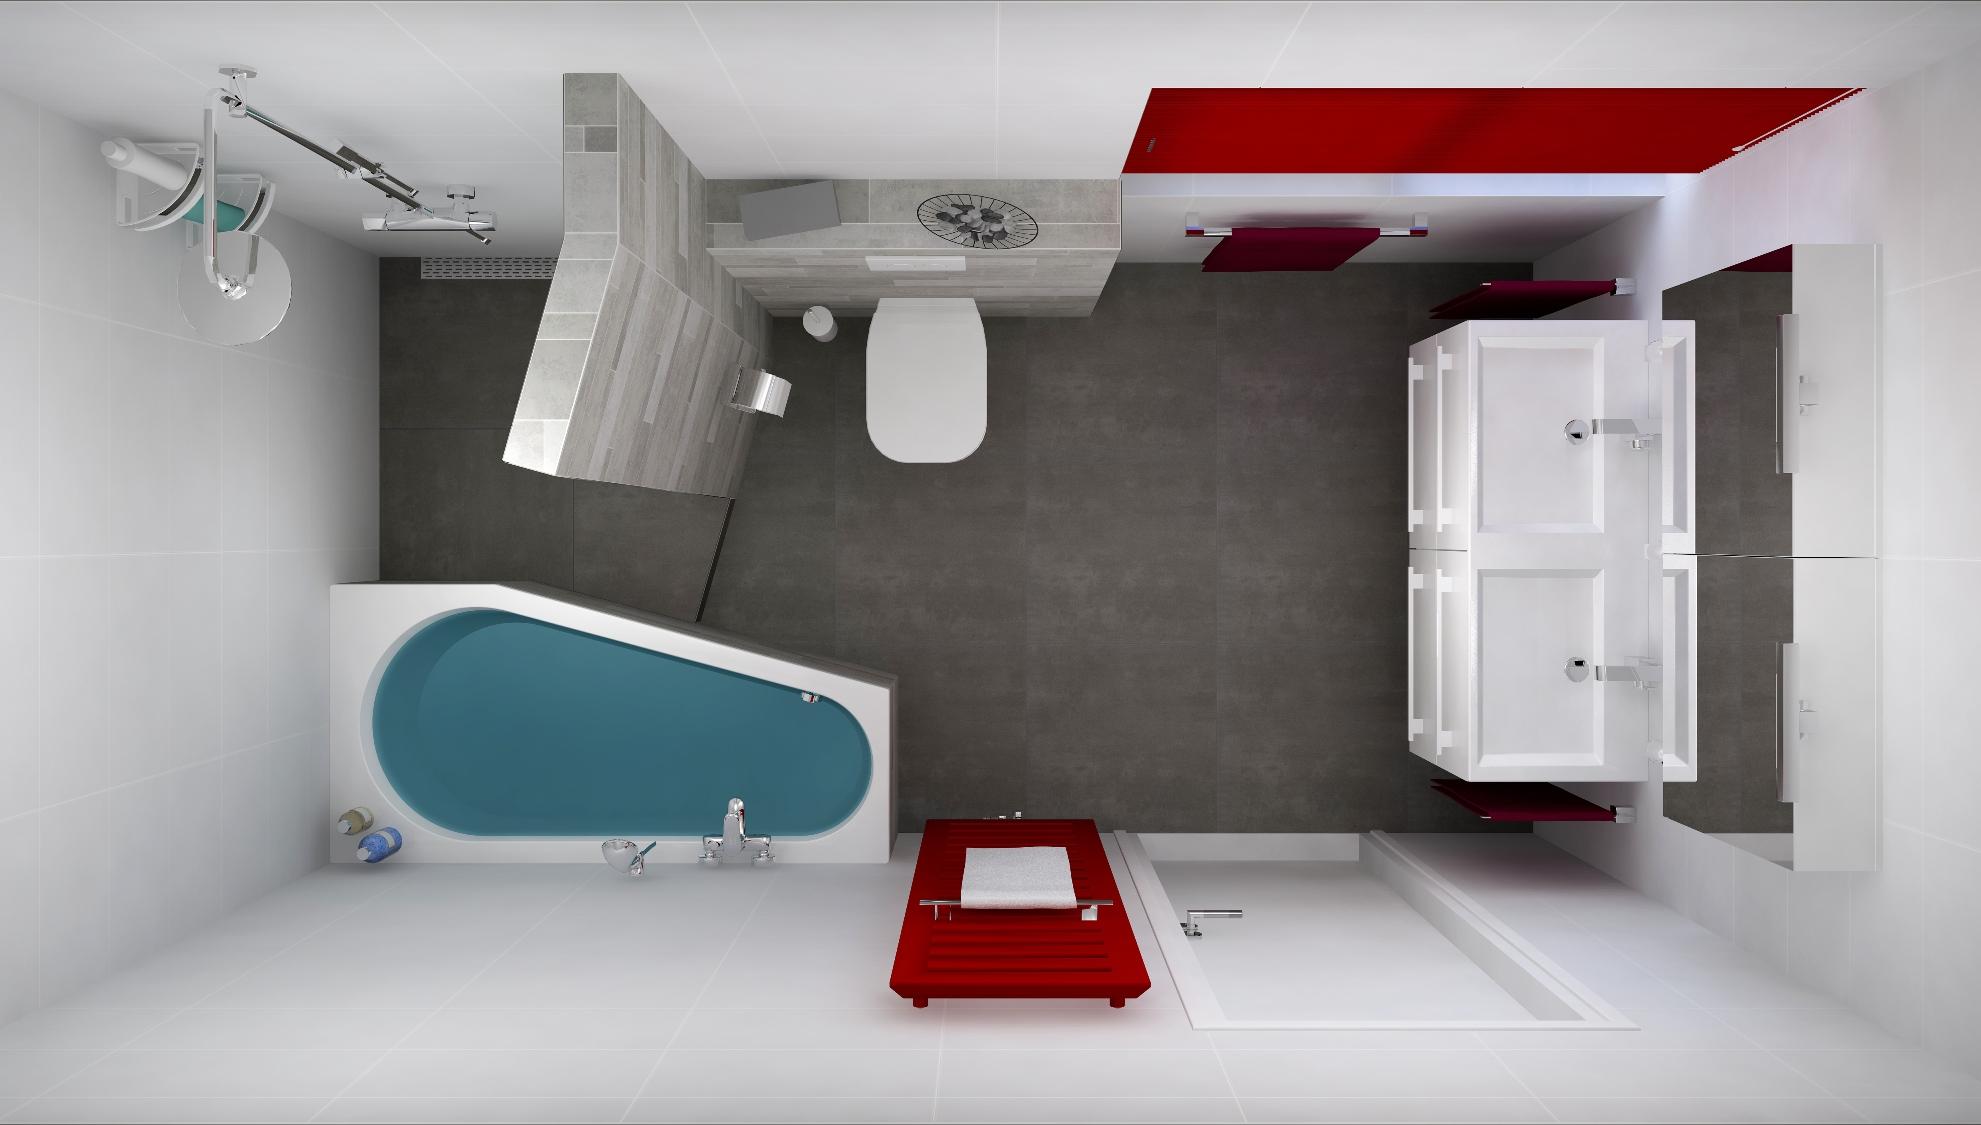 Rolgordijnen op kleur in de badkamer aanbouwuitbouw.nl